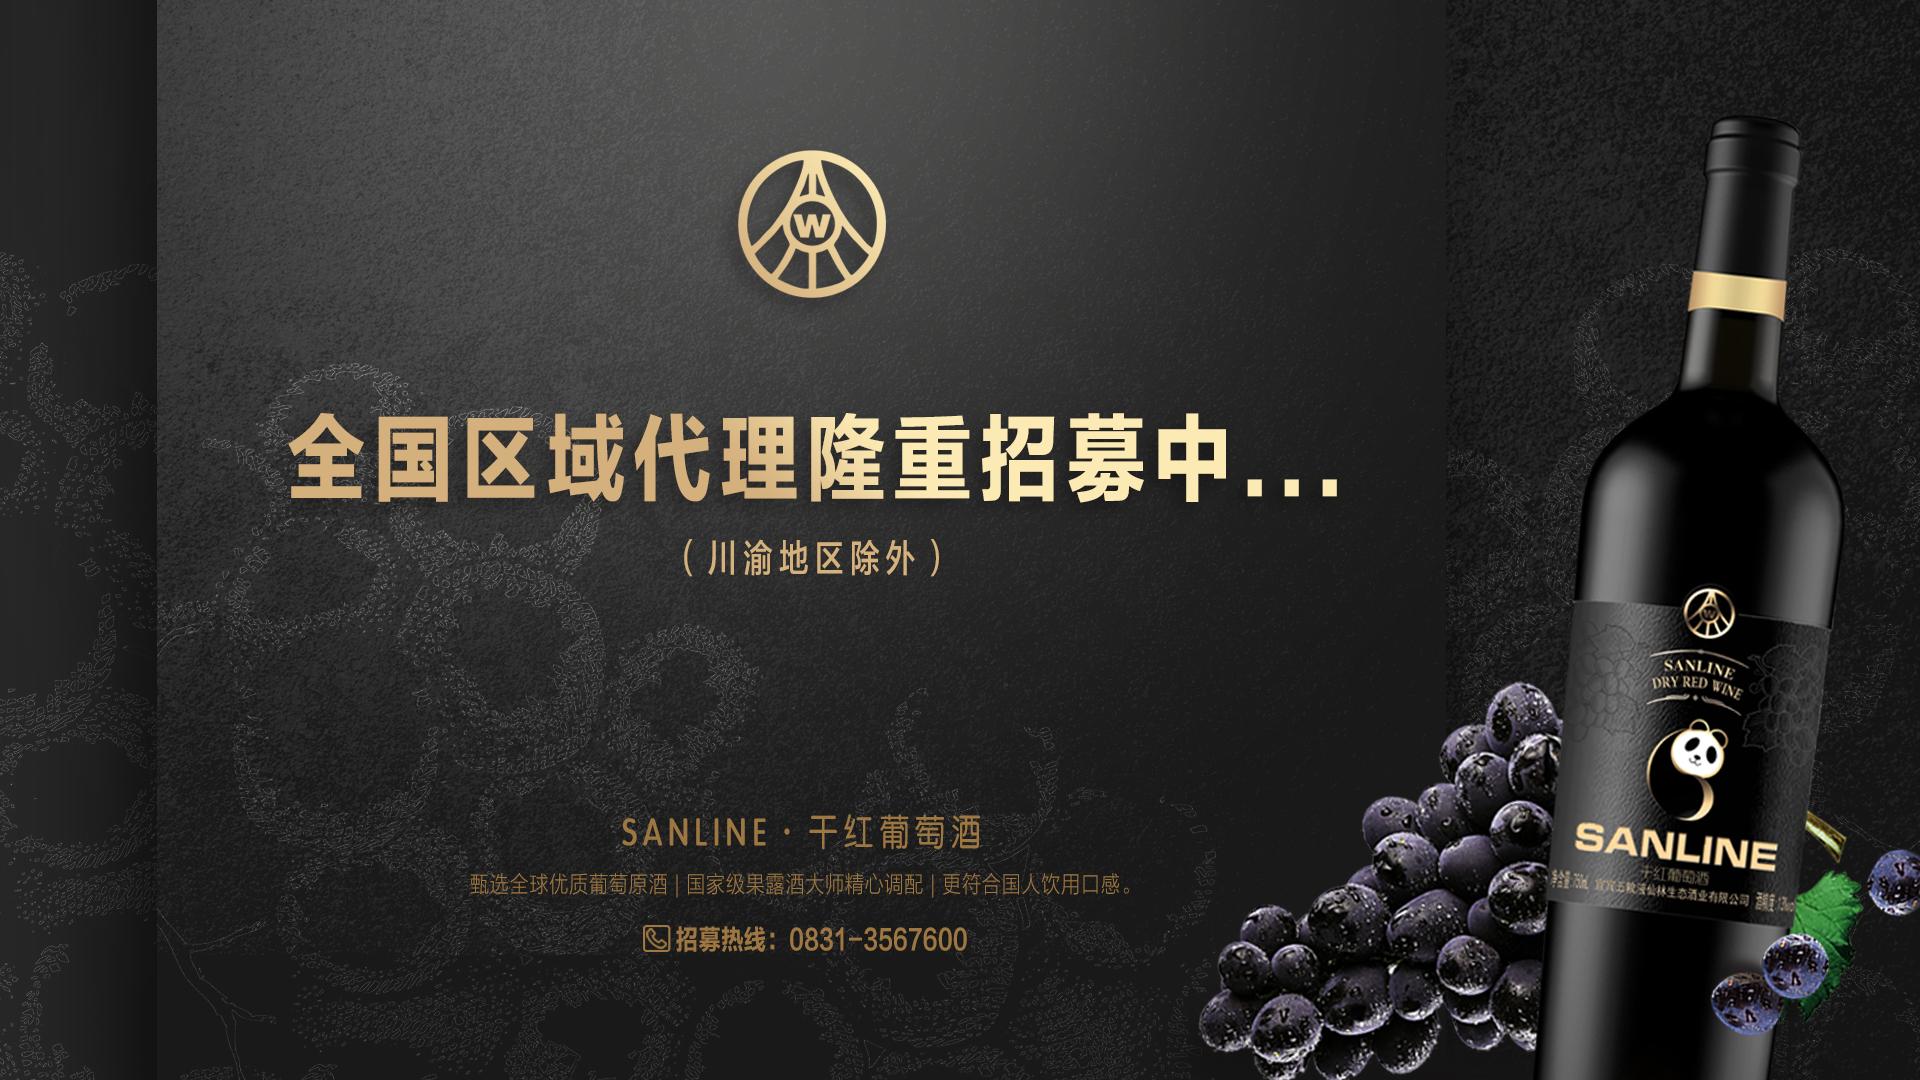 SANLINE干红葡萄酒